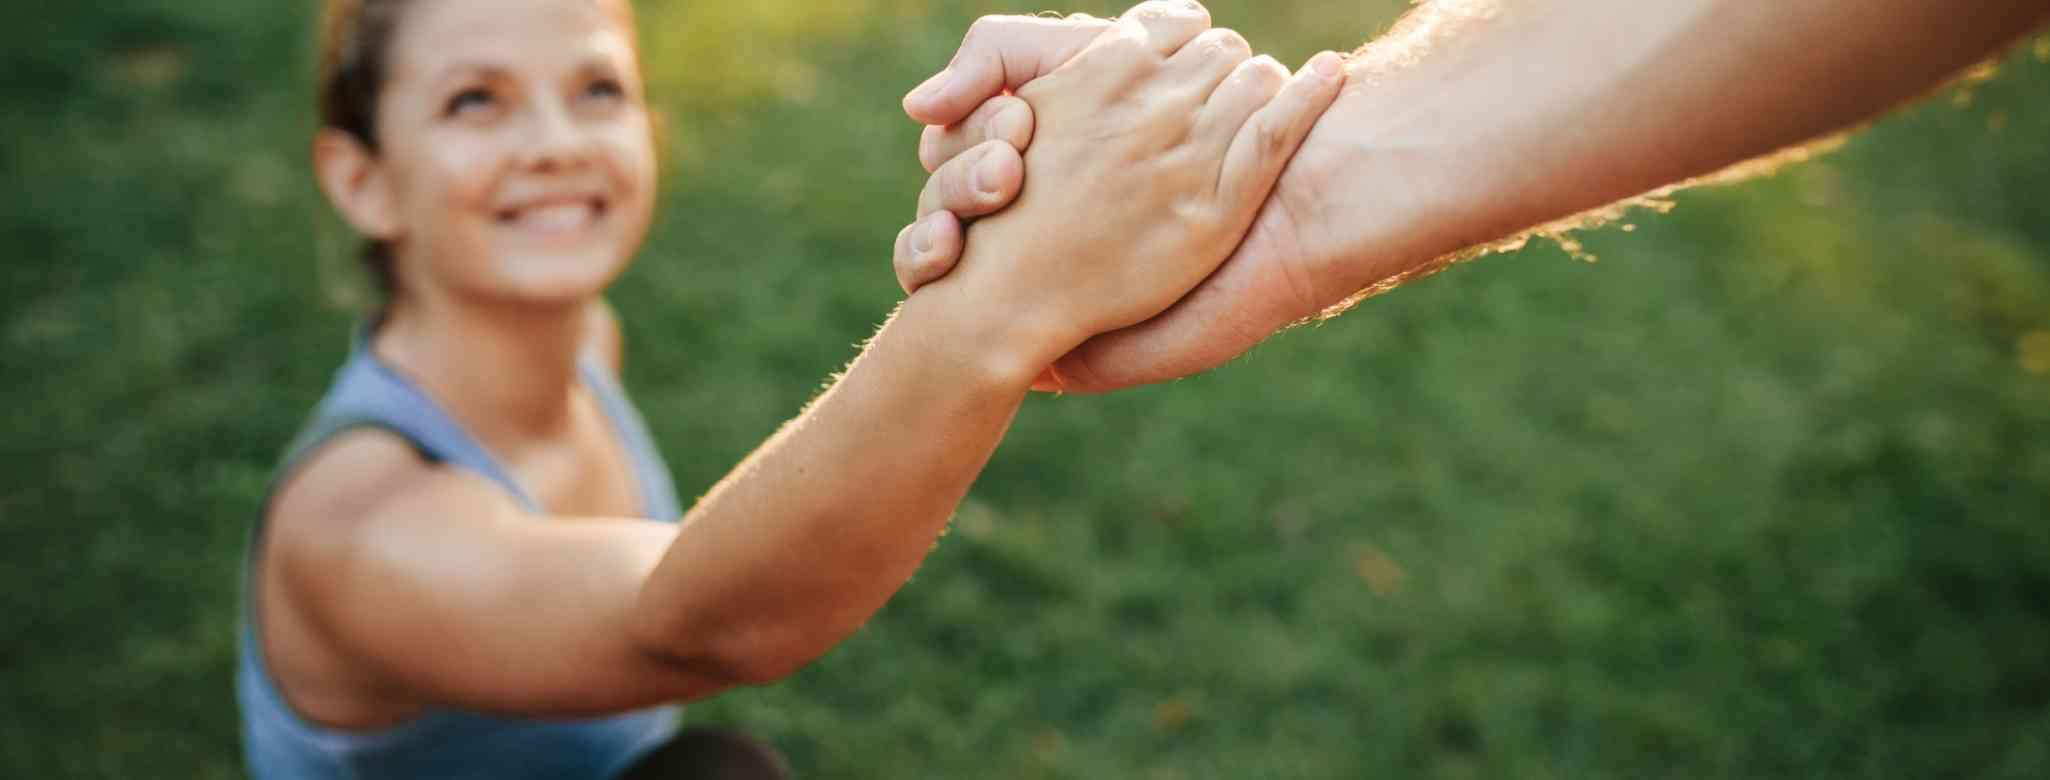 אשראי לעסק בקשיים